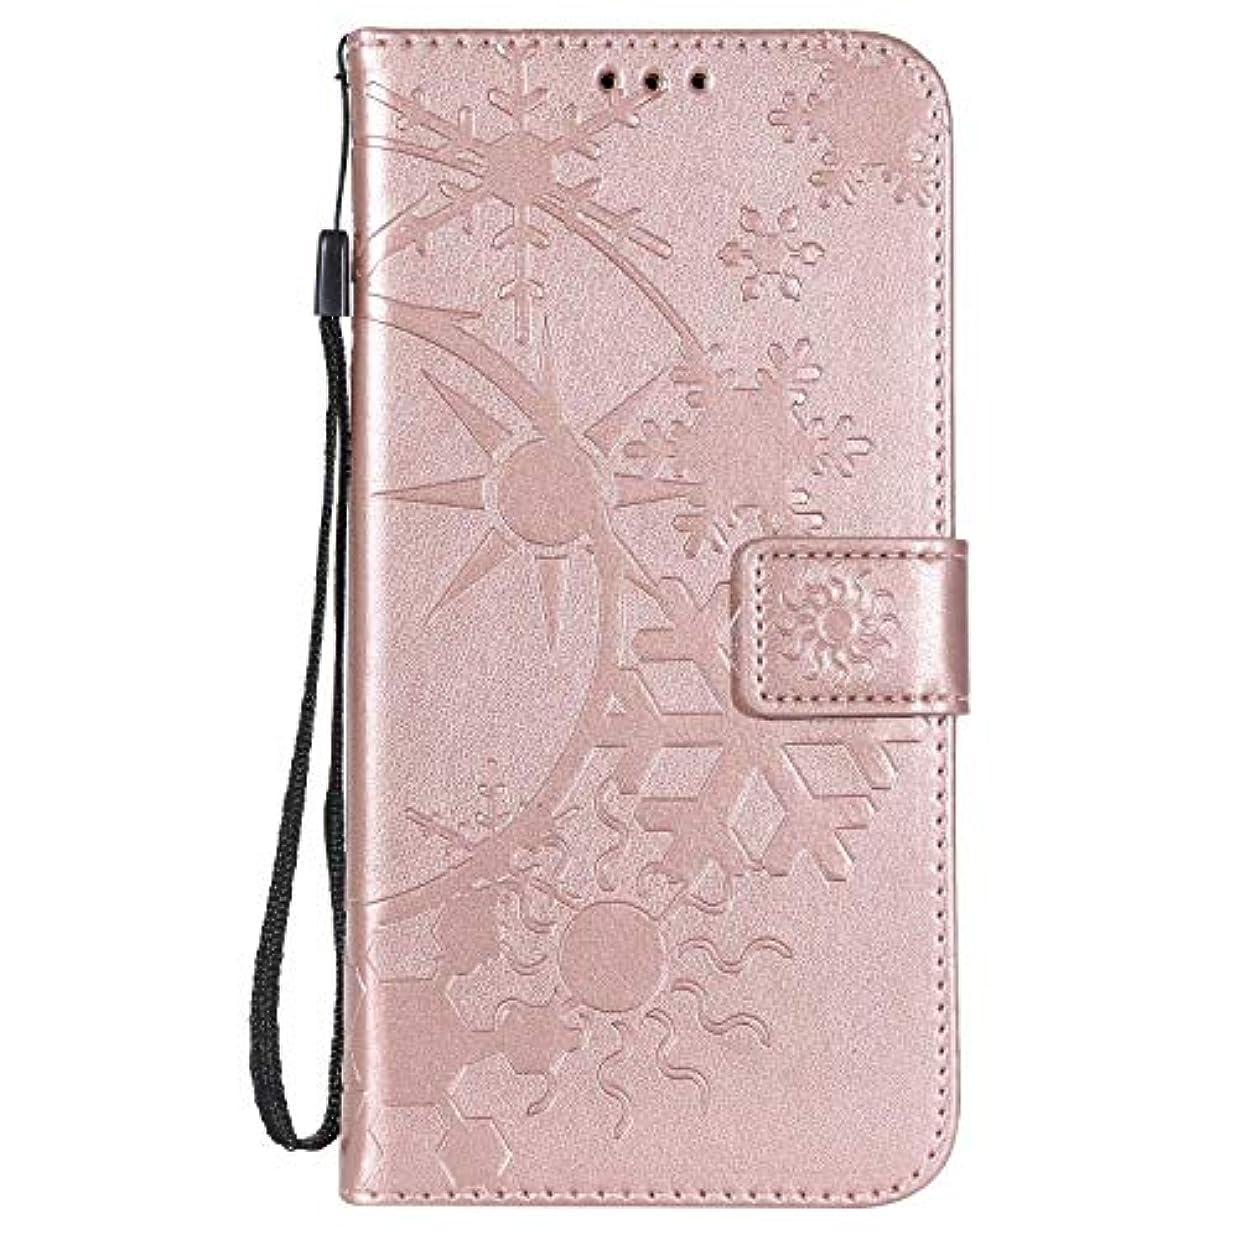 割る受け入れる記憶に残るXiaomi Redmi 5 Plus ケース手帳型 OMATENTI レザー 革 薄型 財布型カバー カード入れ スタンド機能, 全面保護 おしゃれ 手帳ケース, 液晶保護 Xiaomi Redmi 5 Plus対応, ローズゴールド